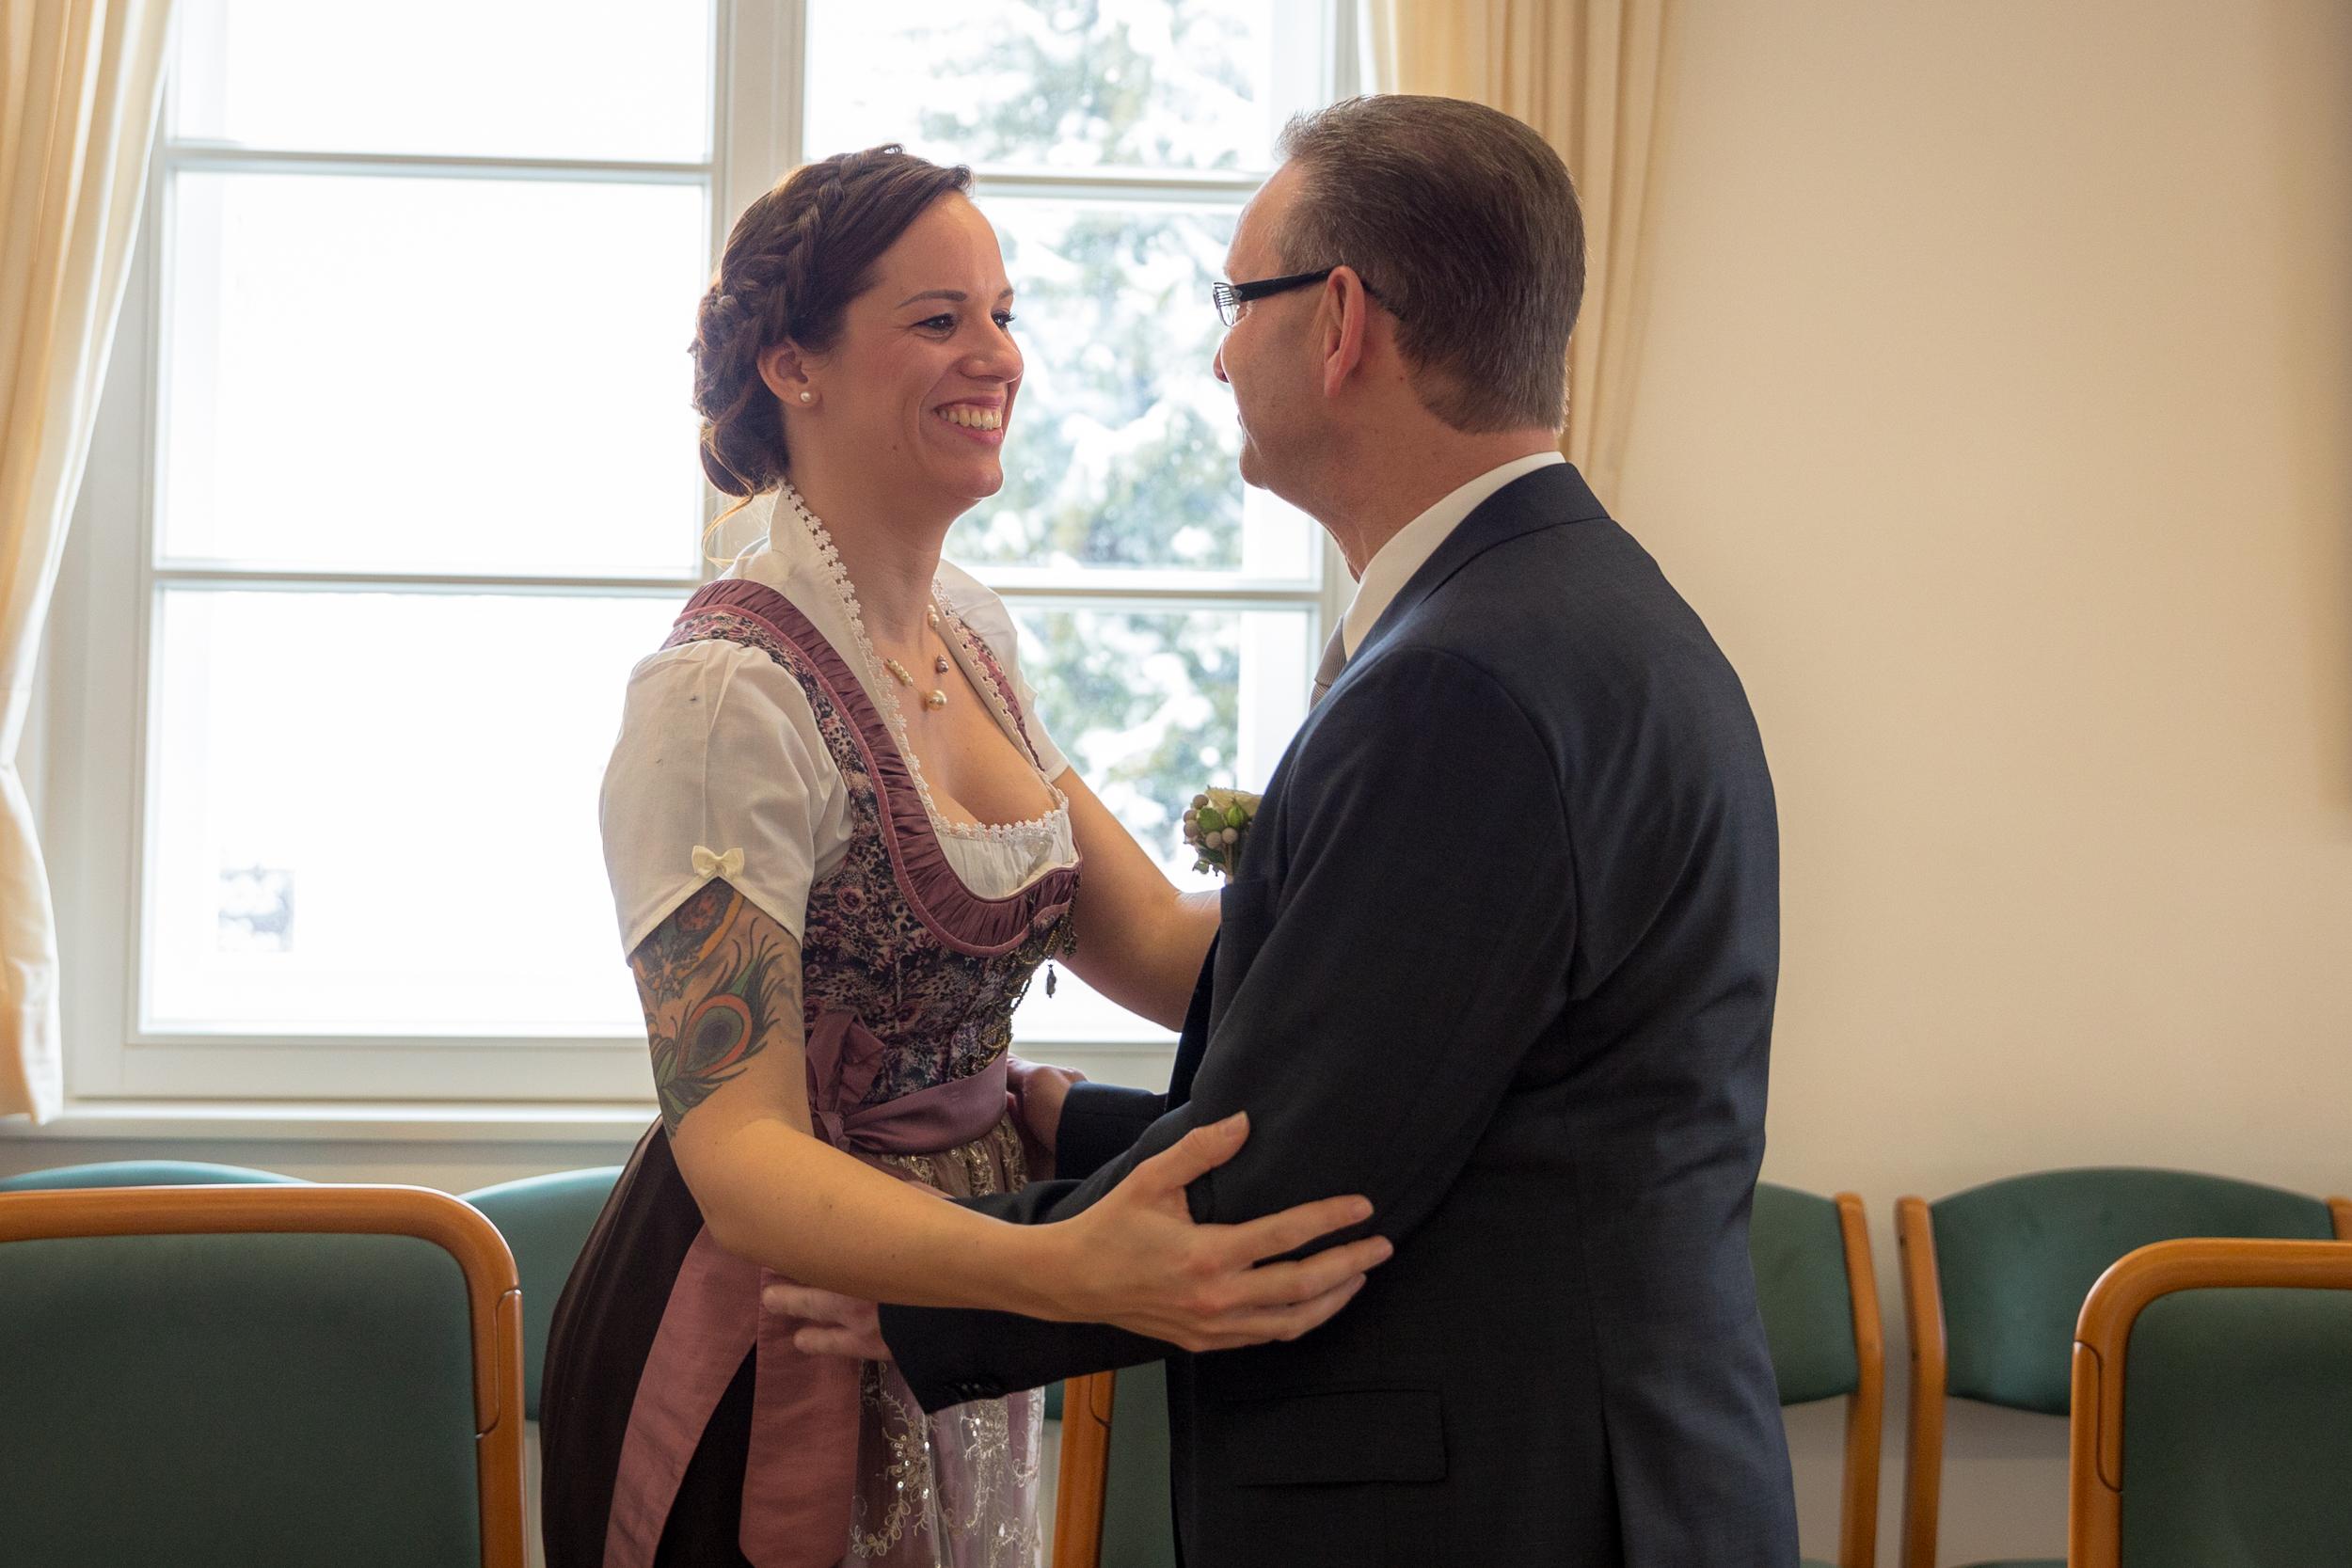 20190212_Hochzeit Koenig_0192.jpg